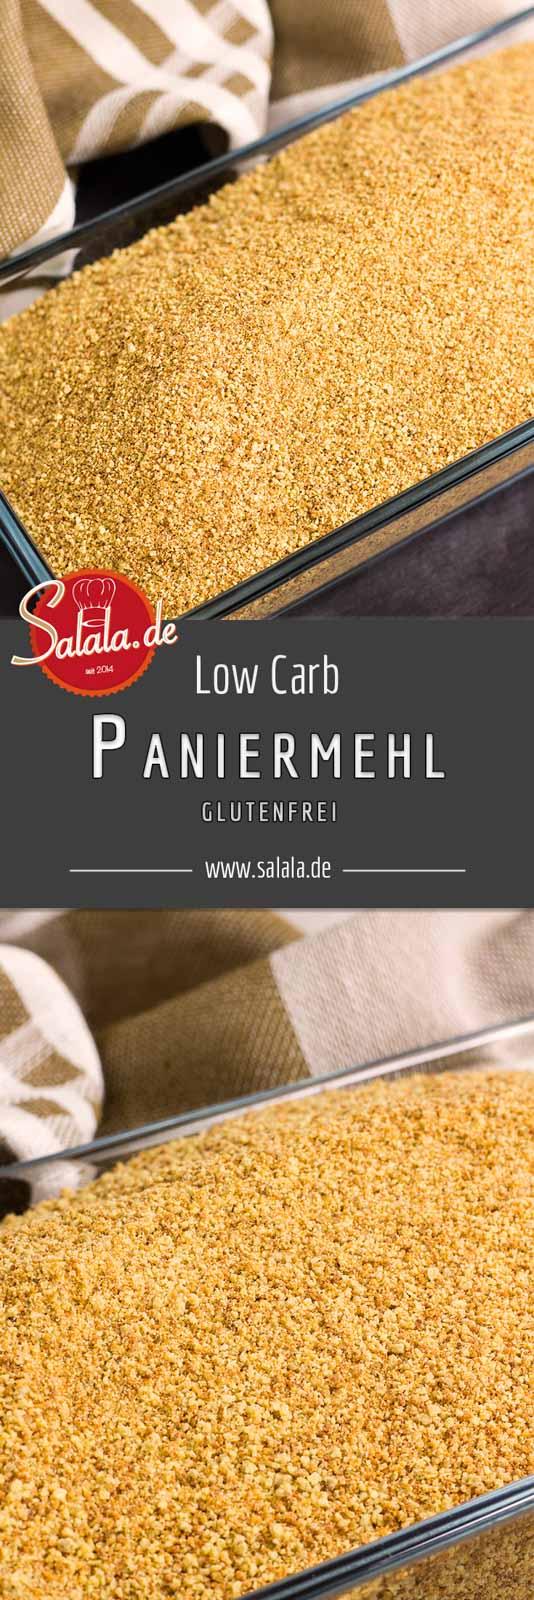 Low Carb Paniermehl - glutenfrei Echtes Low Carb Paniermehl ohne Gluten und sonstige Zusätze. Ein echtes Basic für alle jeden Zweck, zu dem man Paniermehl brauchen kann! #glutenfrei #lowcarb #paniermehl